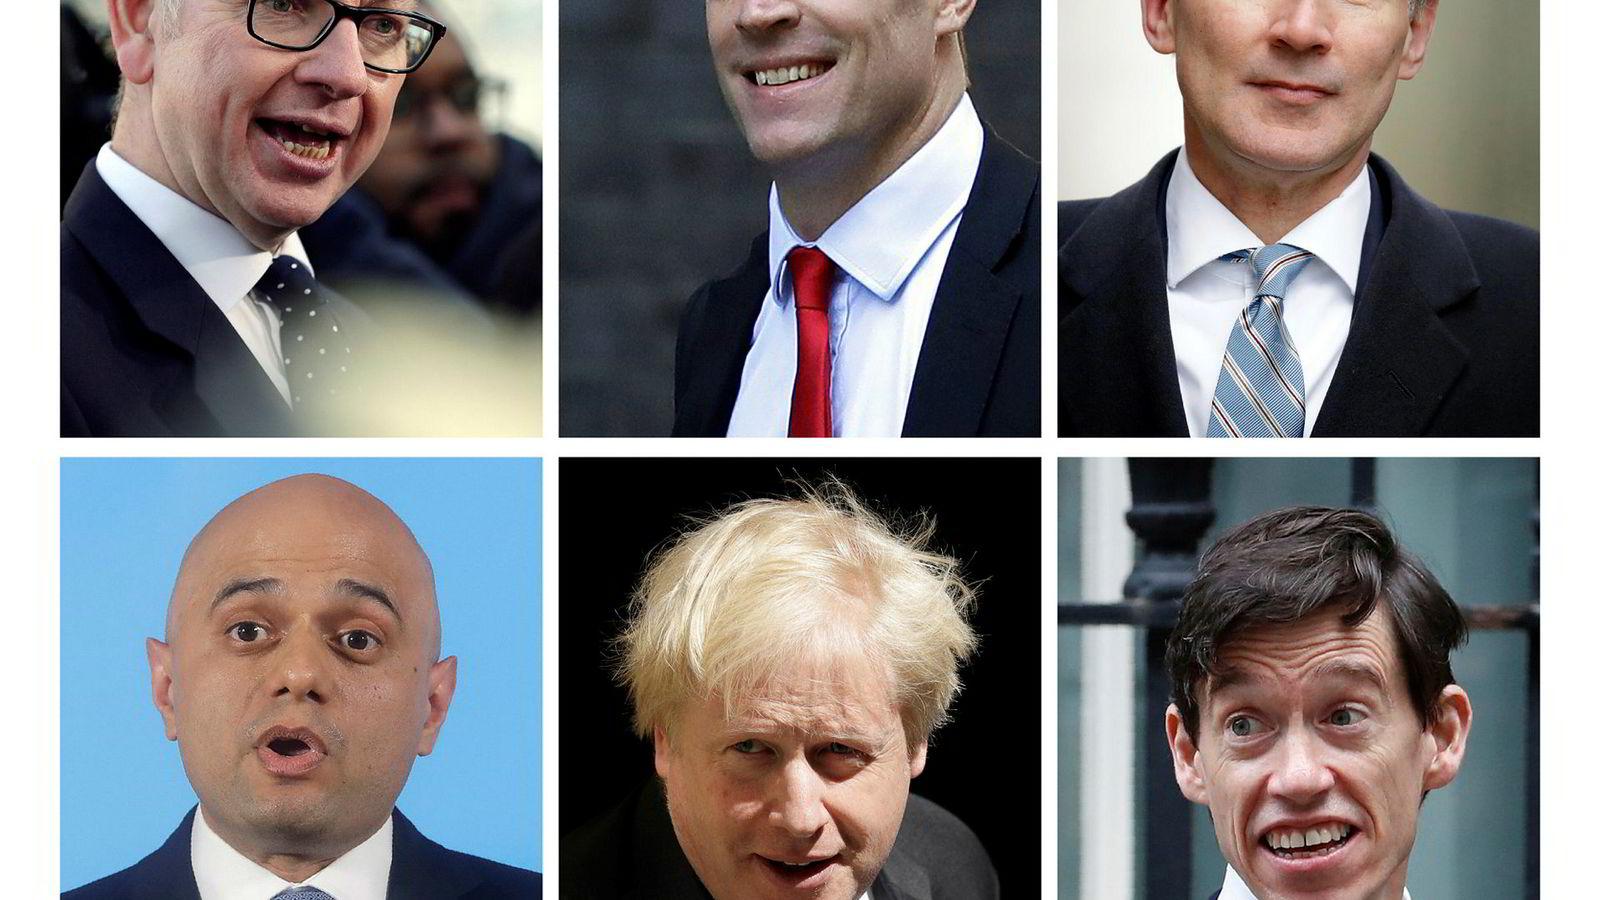 De seks som kjemper for å bli ny partileder, og dermed også statsminister, er, øverst fra venstre: Michael Gove, Dominic Raab, Jeremy Hunt, og nederst fra venstre: Sajid Javid, Boris Johnson, Rory Stewart.